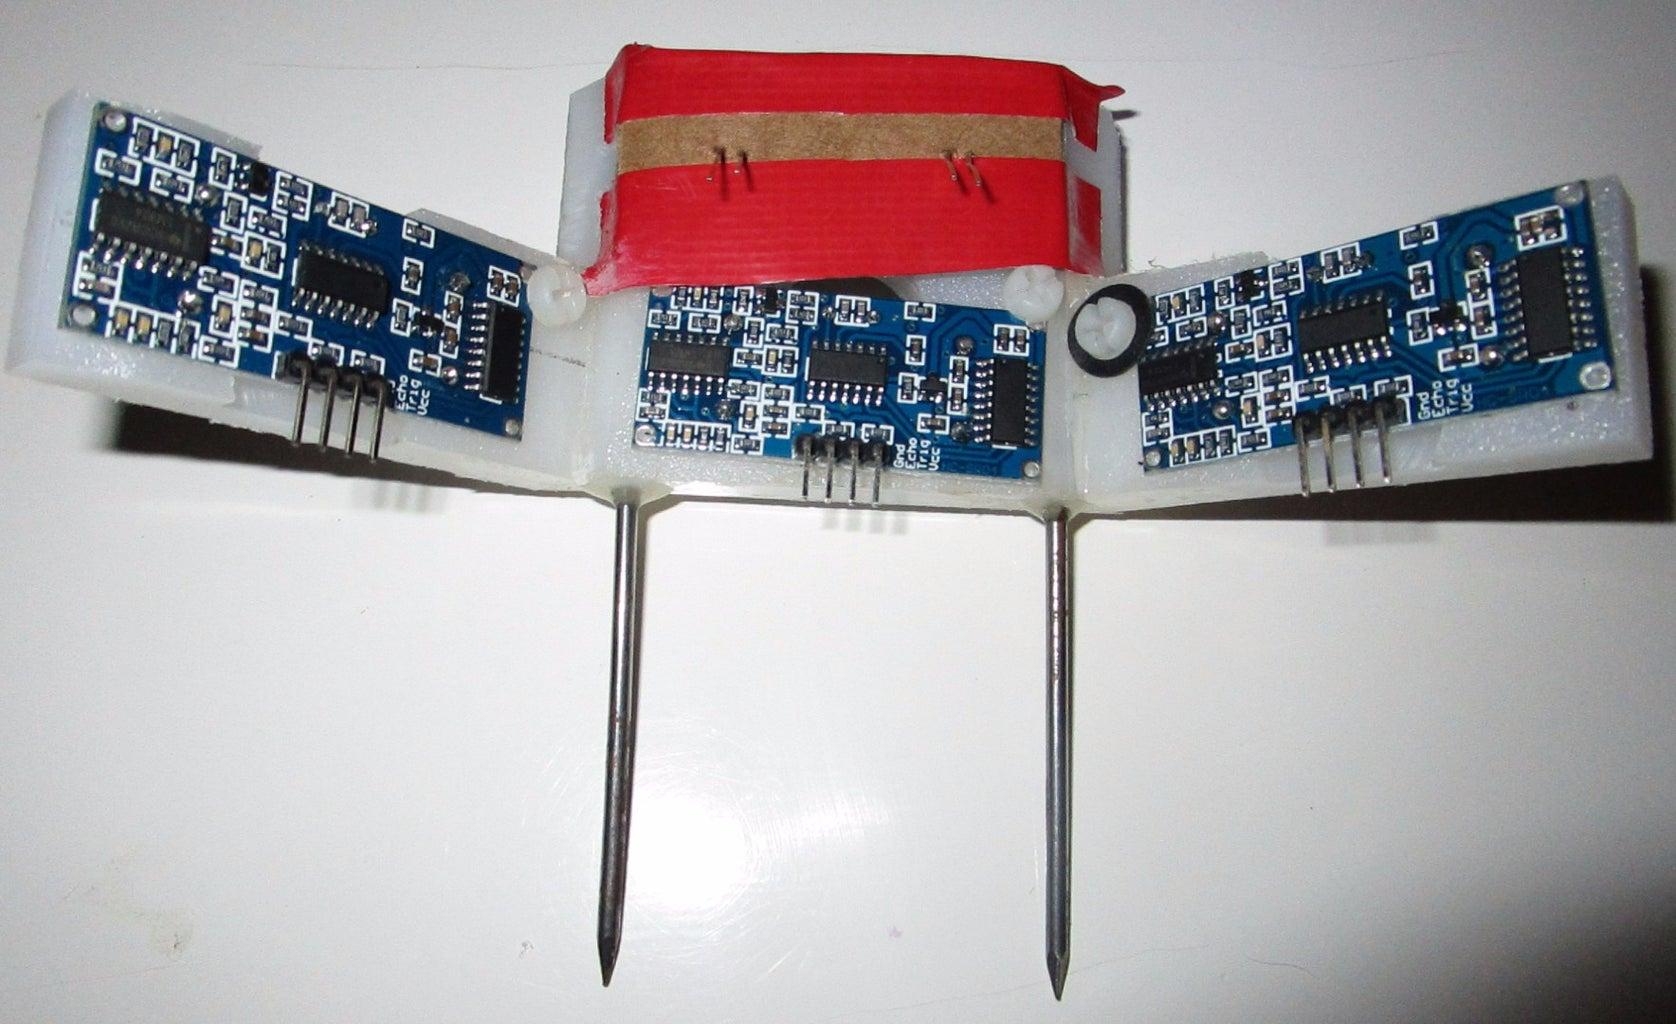 The Sensor Array